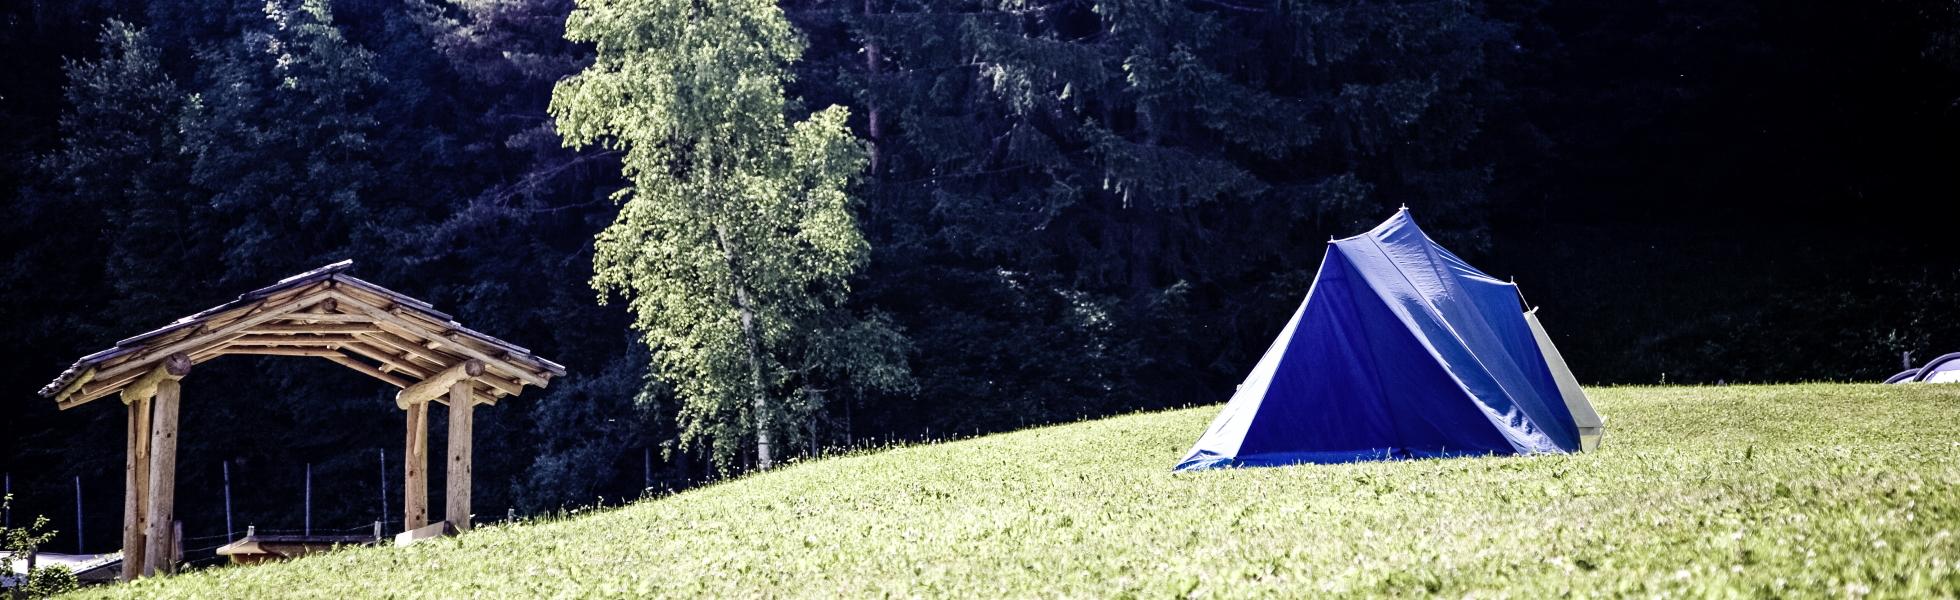 Le Camping au naturel